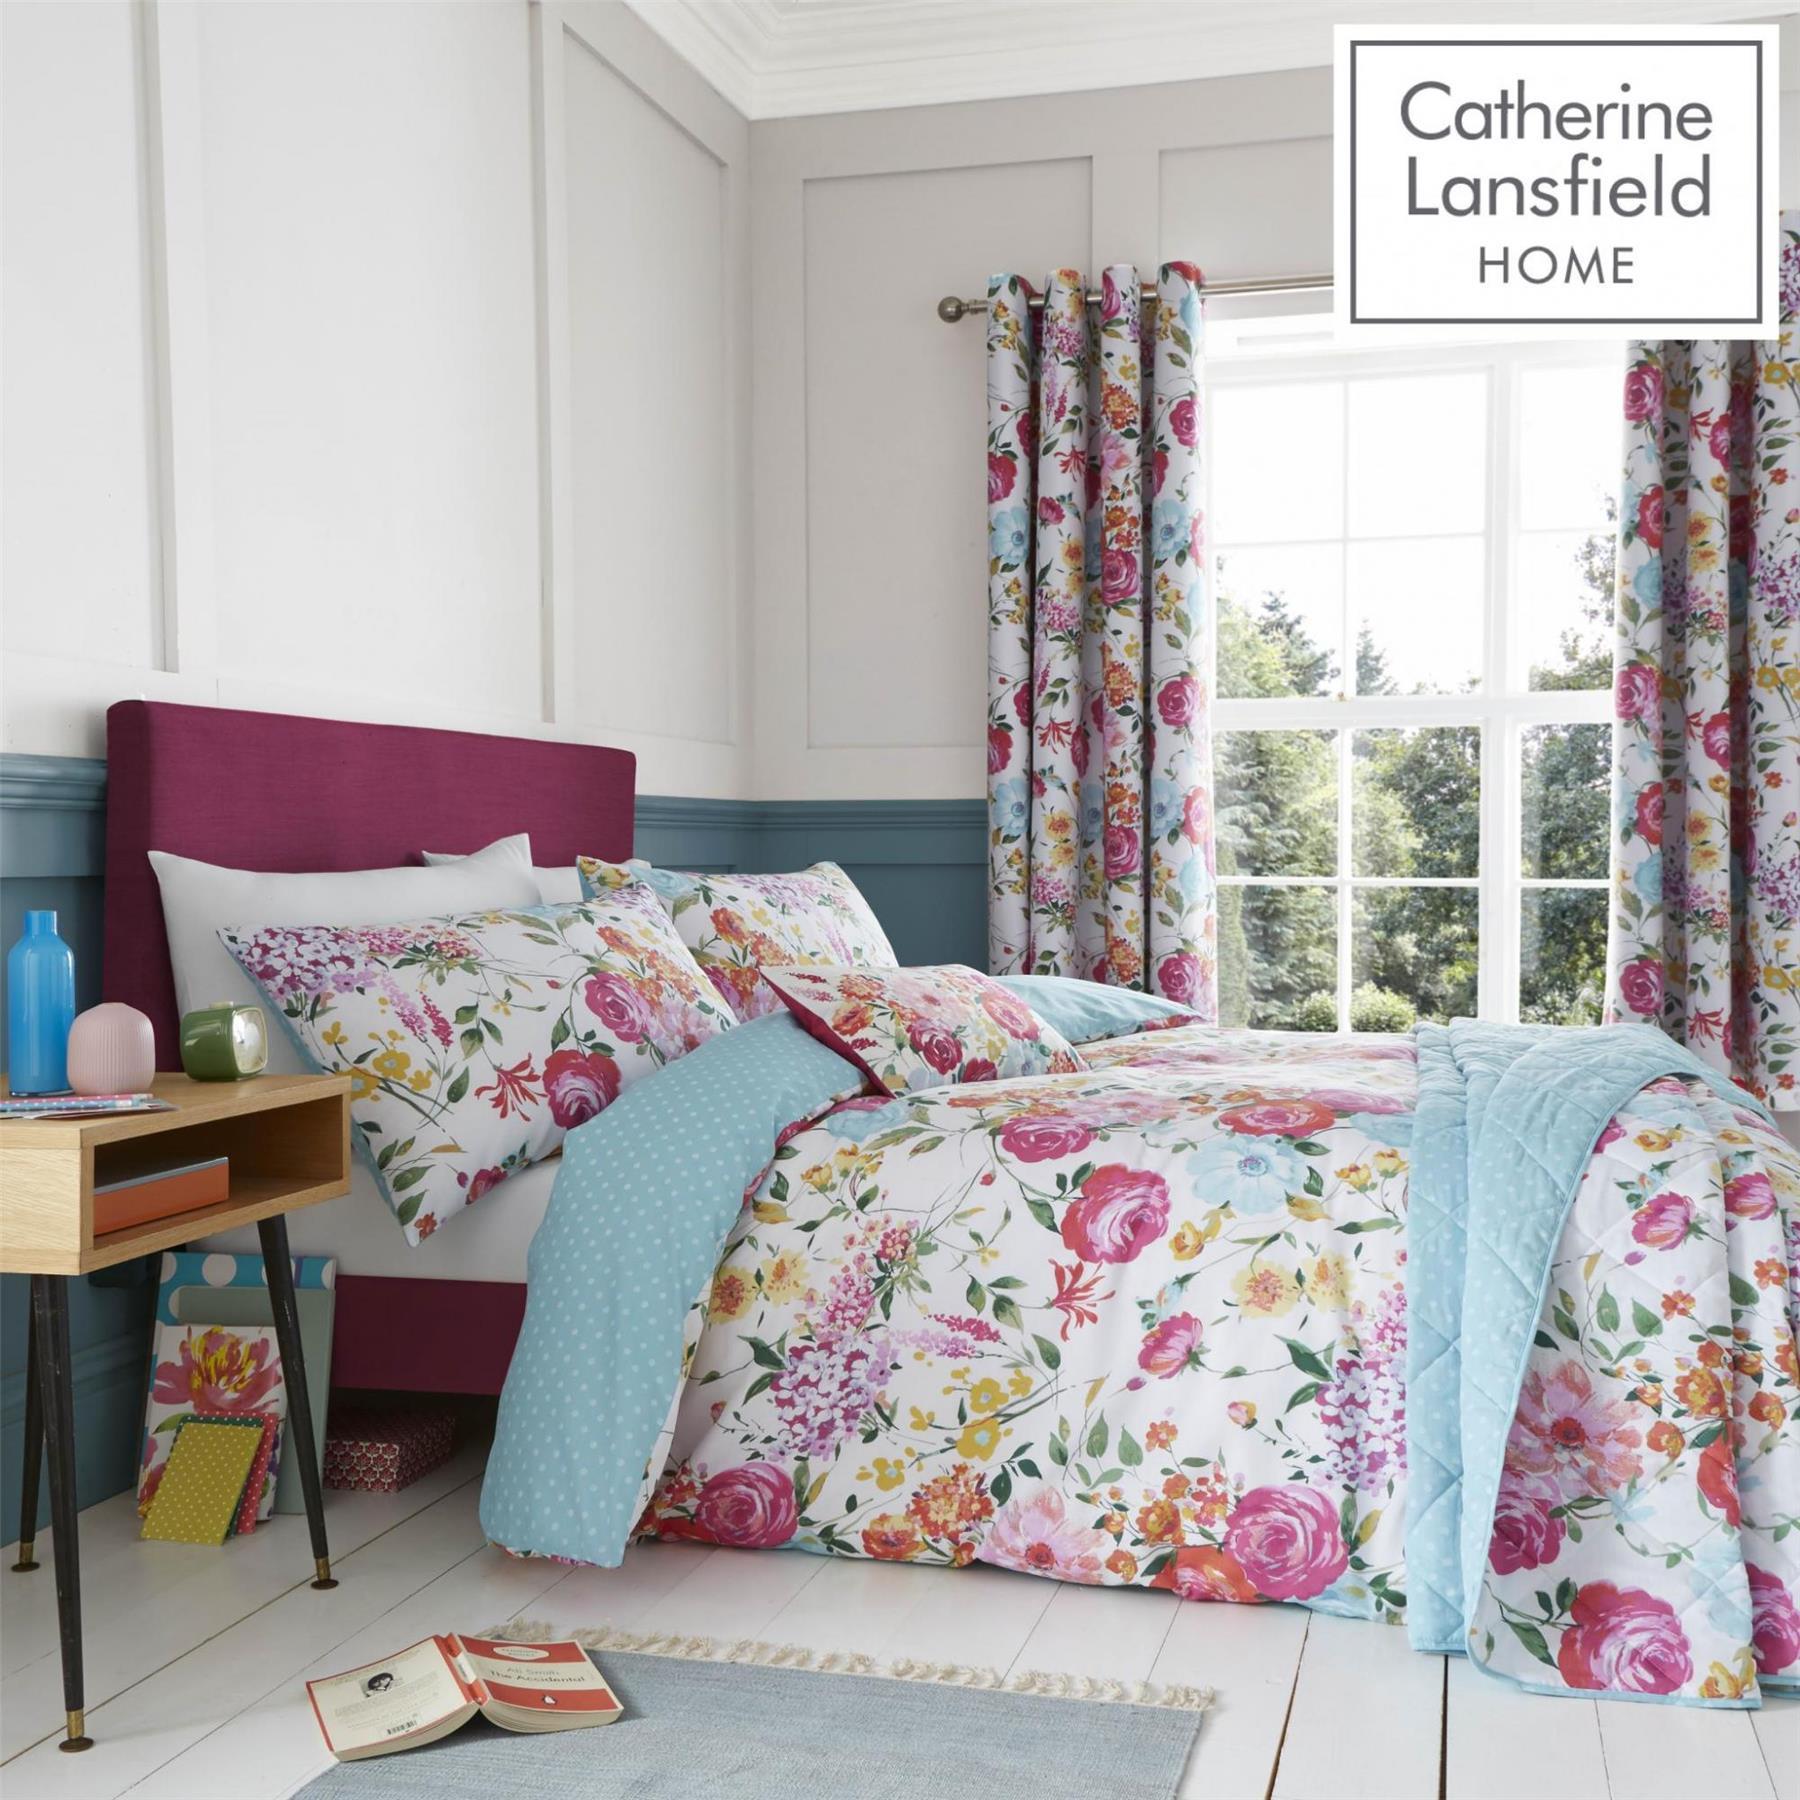 Catherine-Lansfield-biancheria-da-letto-Salisbury-Copripiumino-Set-Tende-Cuscino-Copriletto miniatura 16